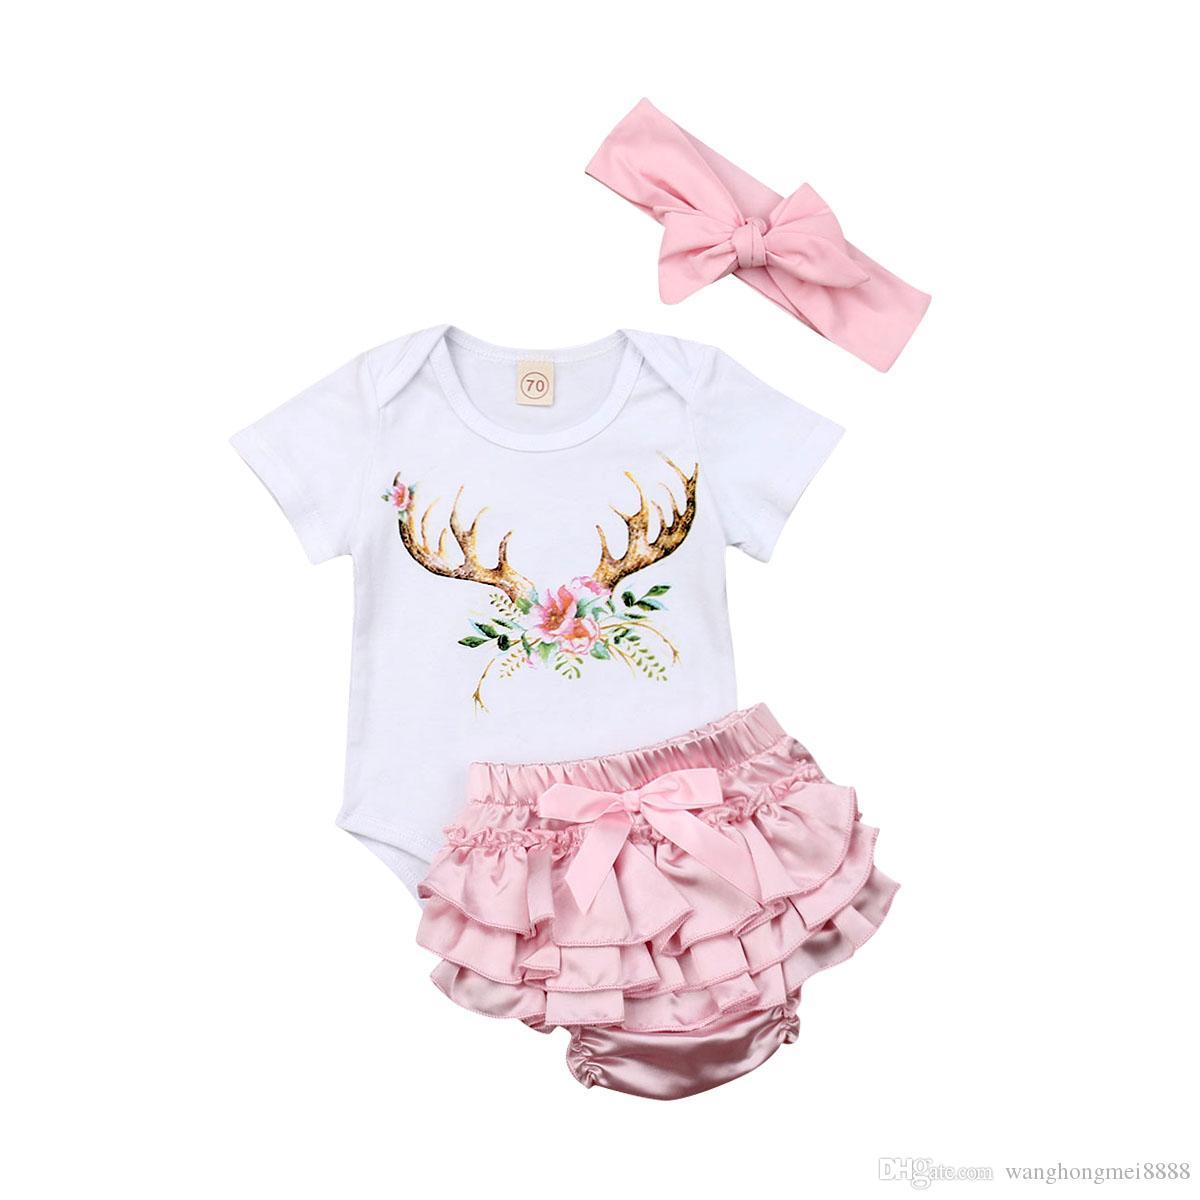 Новорожденный ребенок девочка комплект одежды 2019 новый с коротким рукавом комбинезон + розовый Soild шорты лето 3шт наряд летняя одежда